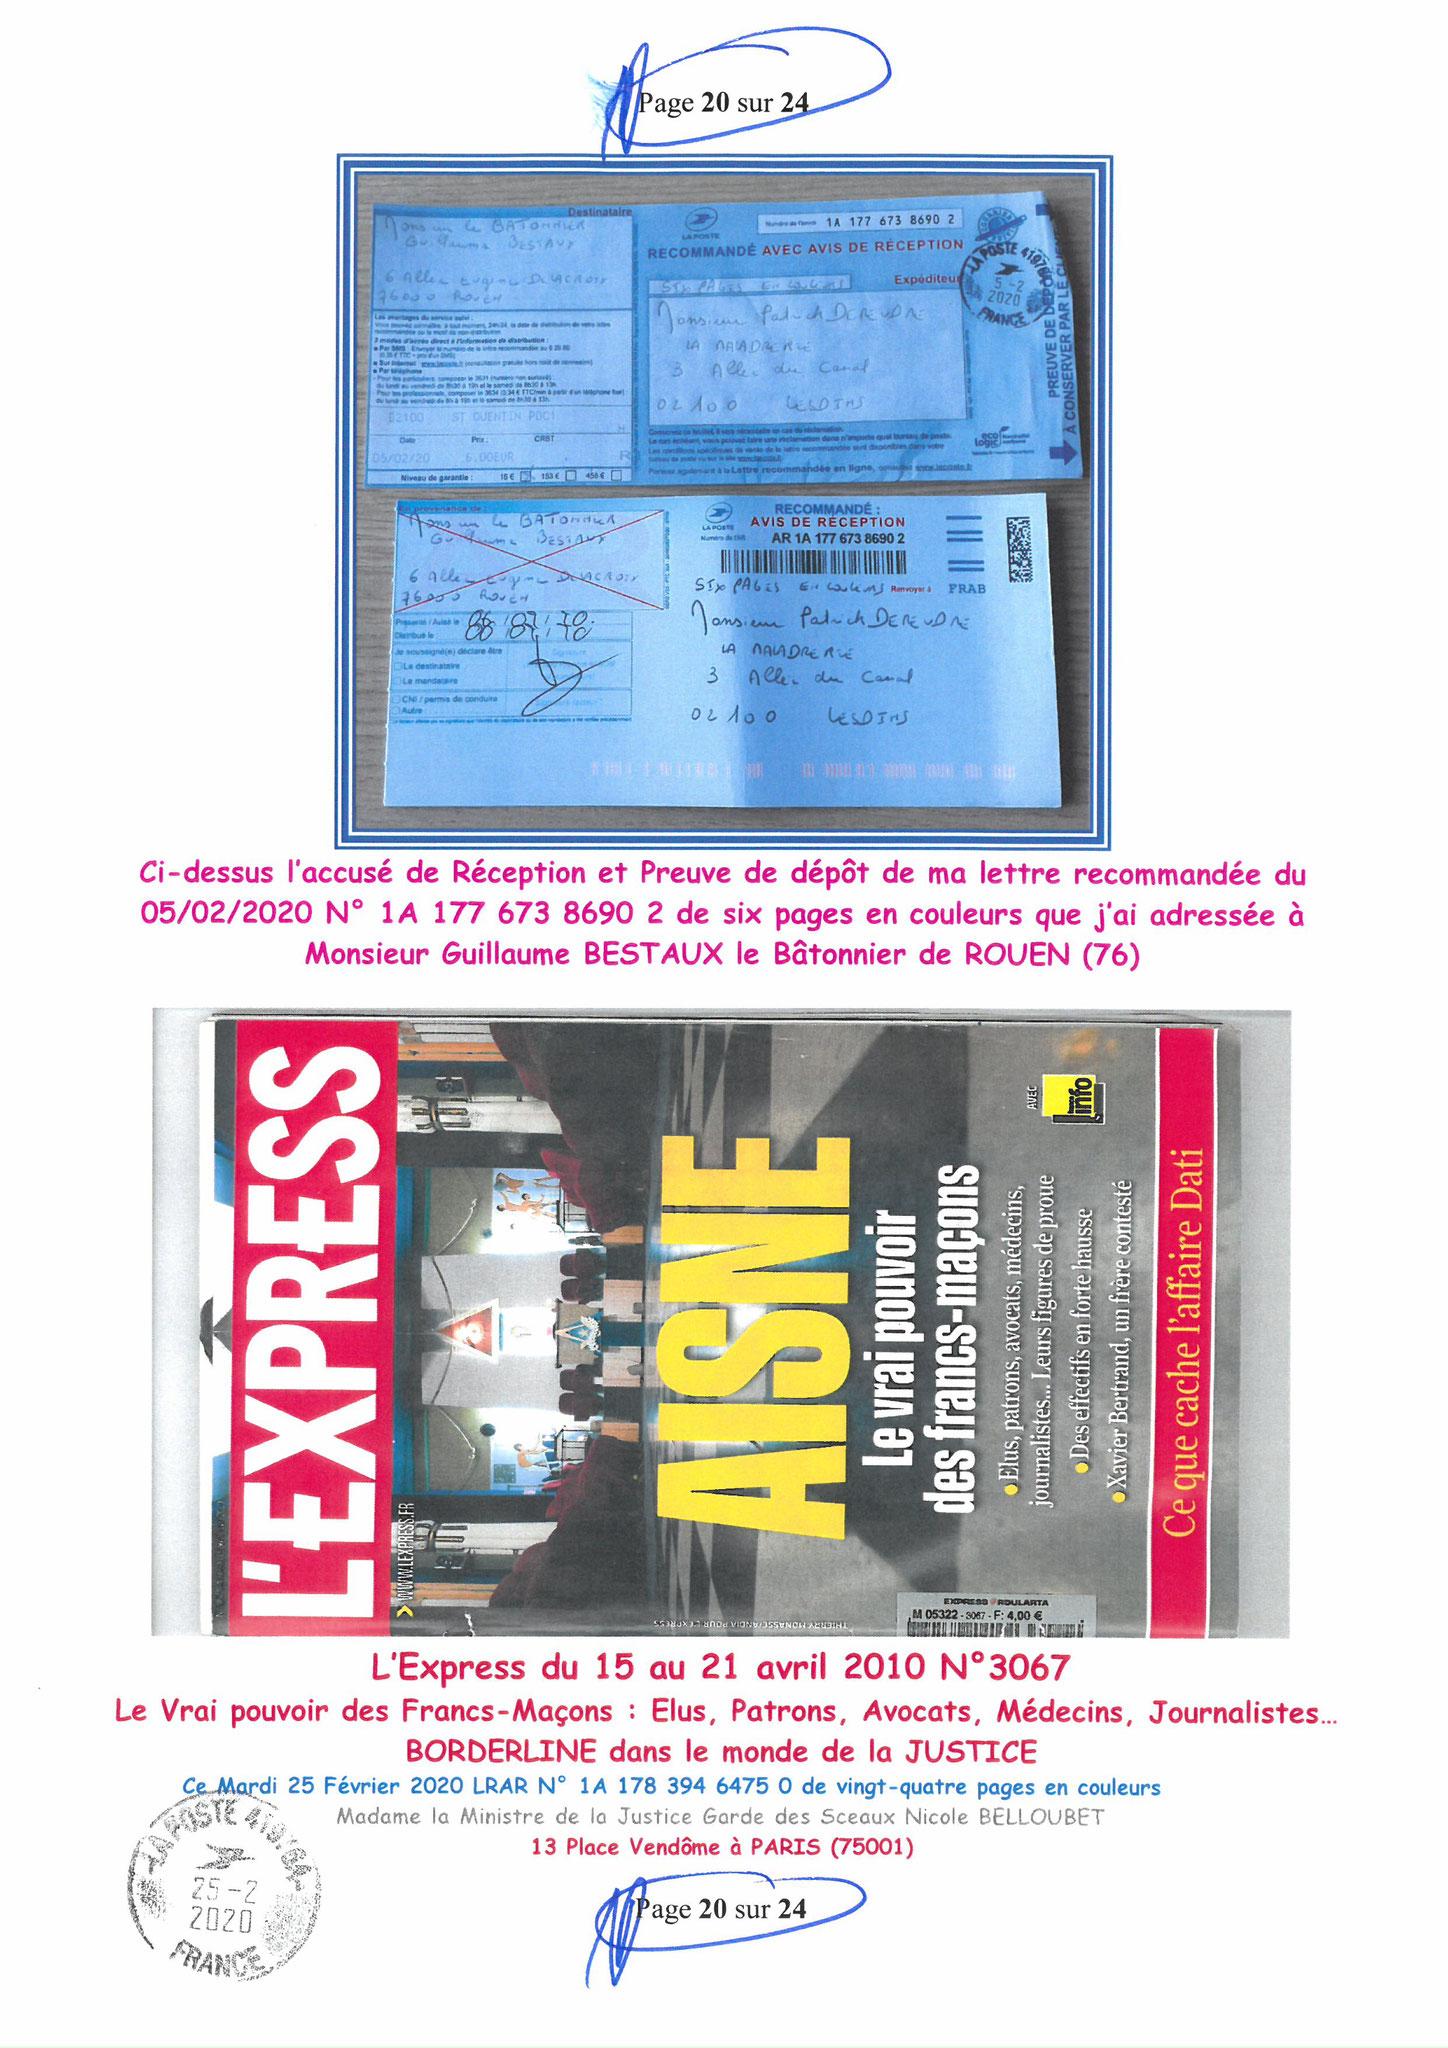 Ma LRAR à Madame Nicole BELLOUBET la Ministre de la Justice N0 1A 178 394 6475 0 Page 20 sur 24 en couleur  www.jesuispatrick.com www.jesuisvictime.fr www.alerte-rouge-france.fr